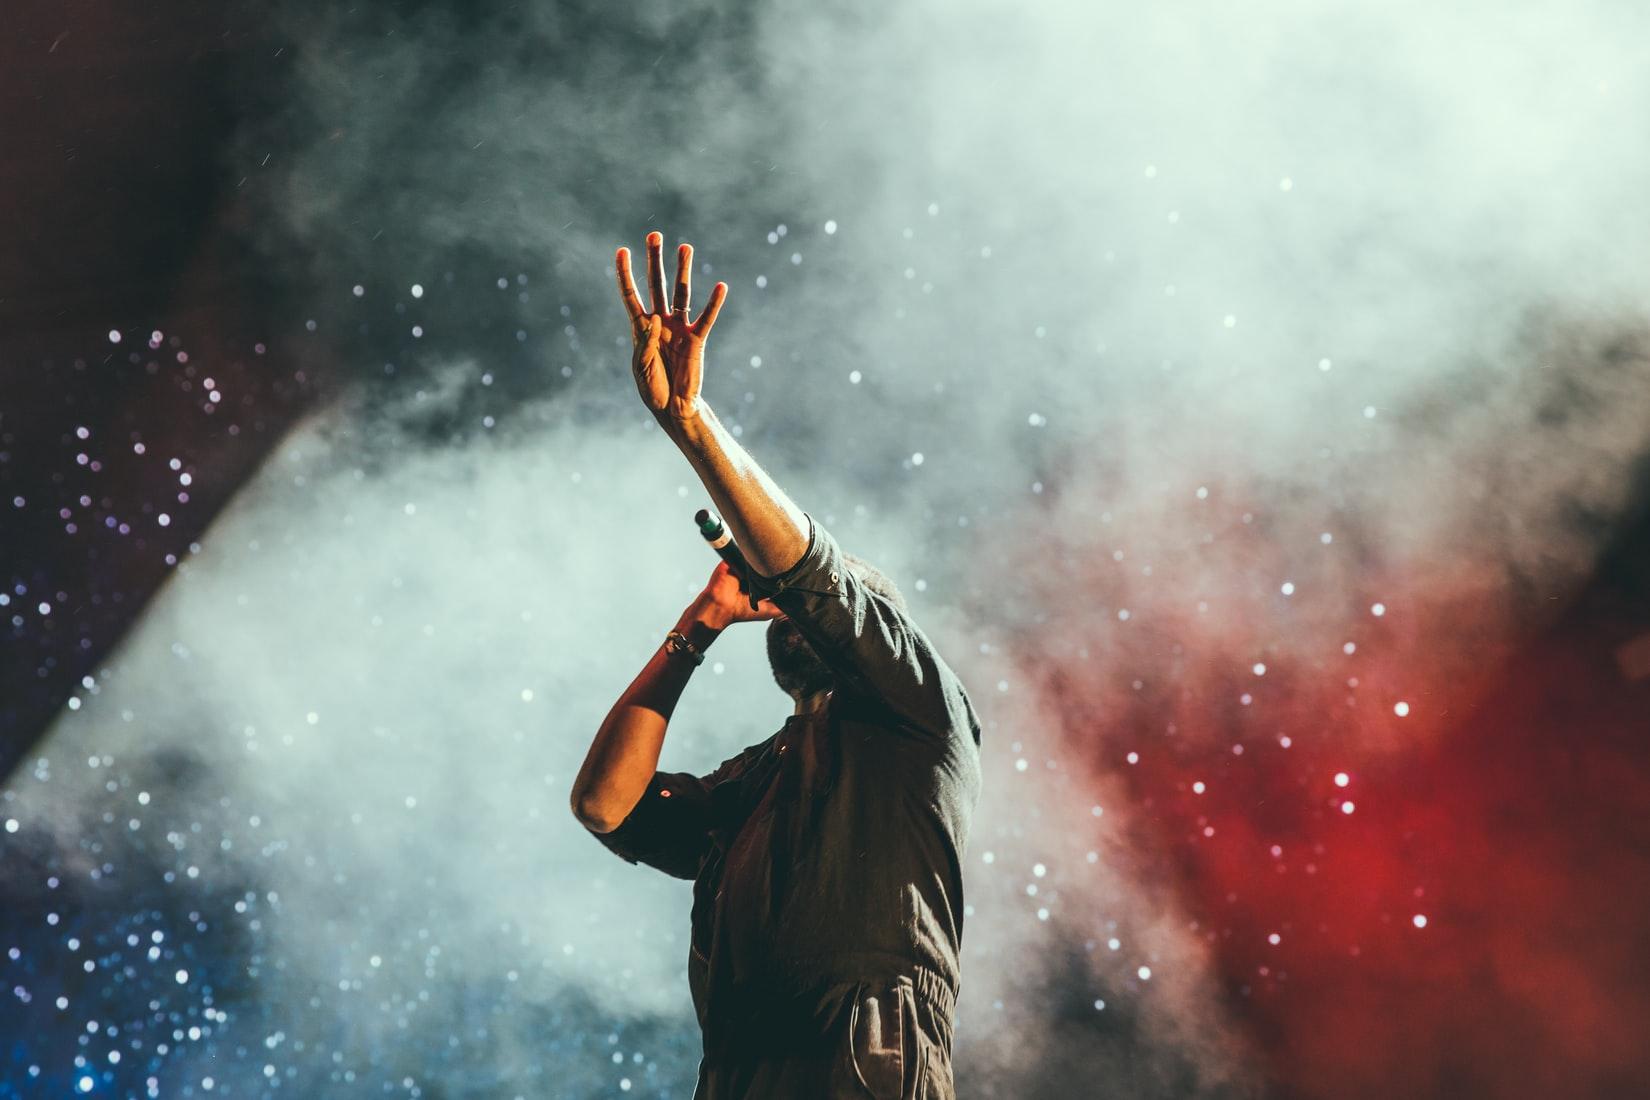 «Нам остается только молиться»: откровенное интервью с артистами и музыкантами, которые остались без работы